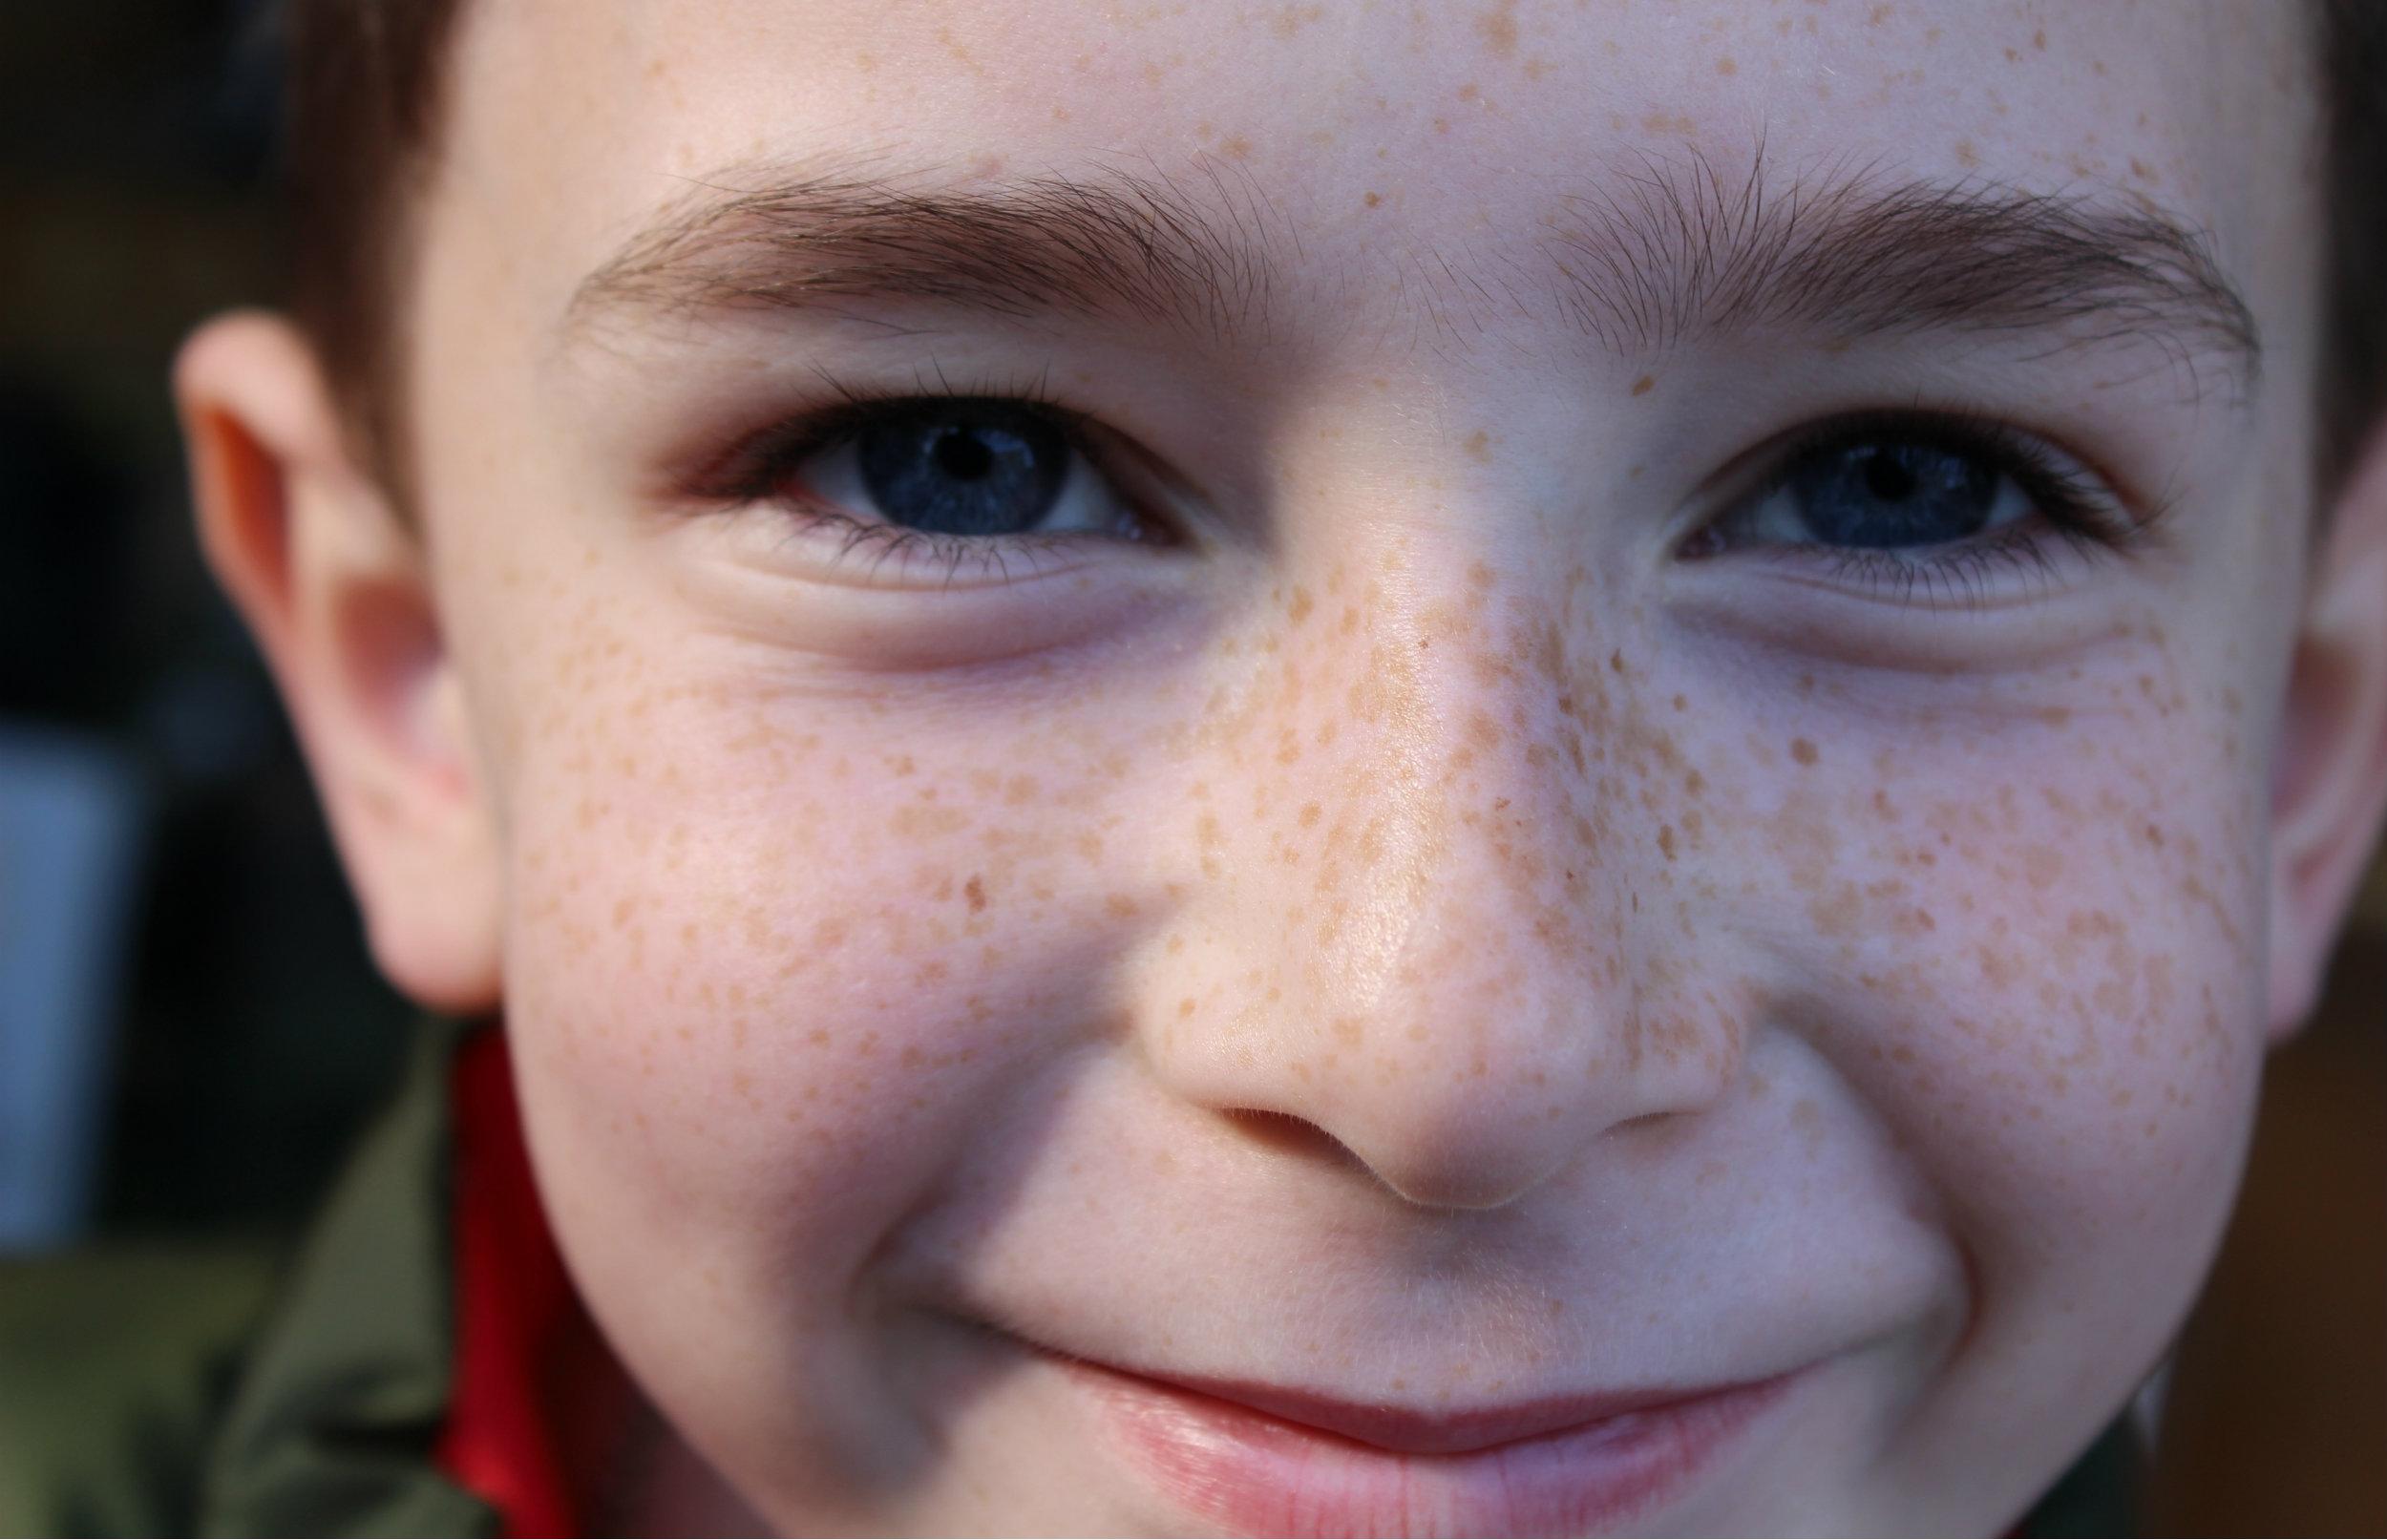 Læge: Børn mangler natur-vitaminer